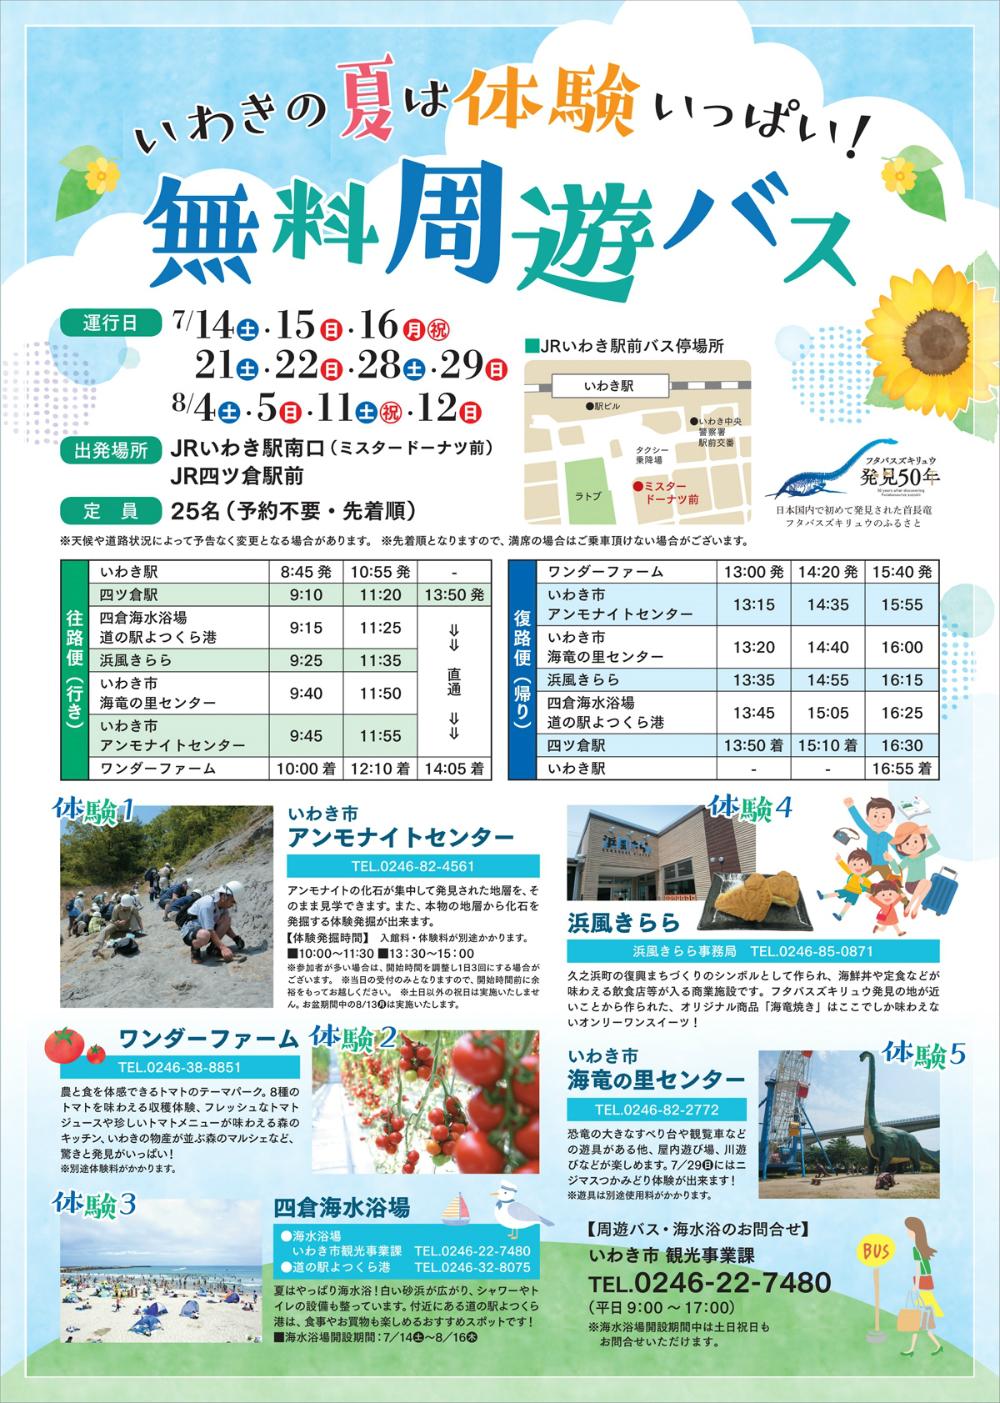 いわきの夏は体験いっぱい!「無料周遊バス」を運行します!! [平成30年7月13日(金)更新]1